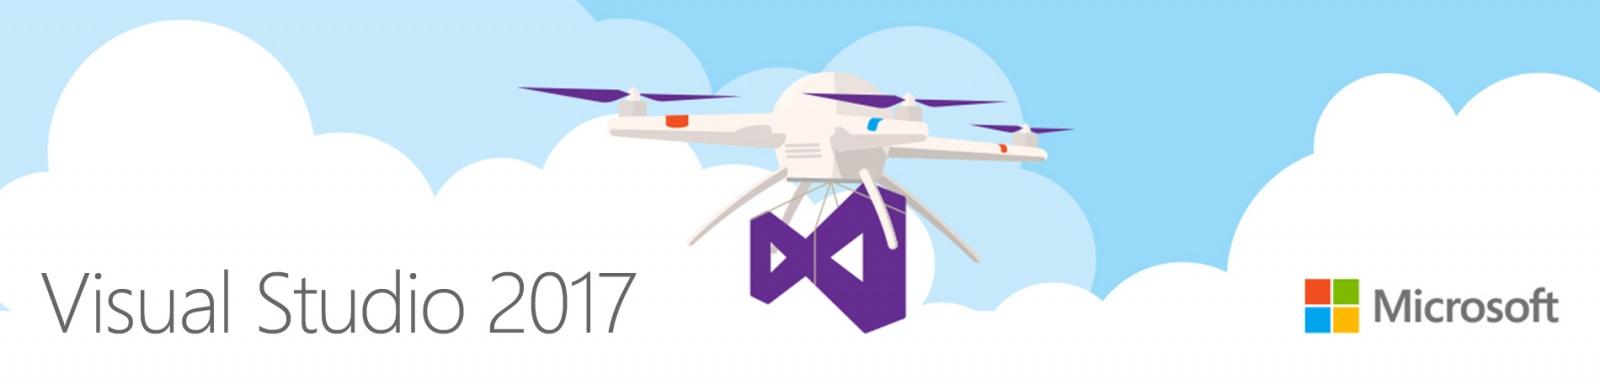 Visual Studio 2017 и новые возможности инструментов от Microsoft - 1